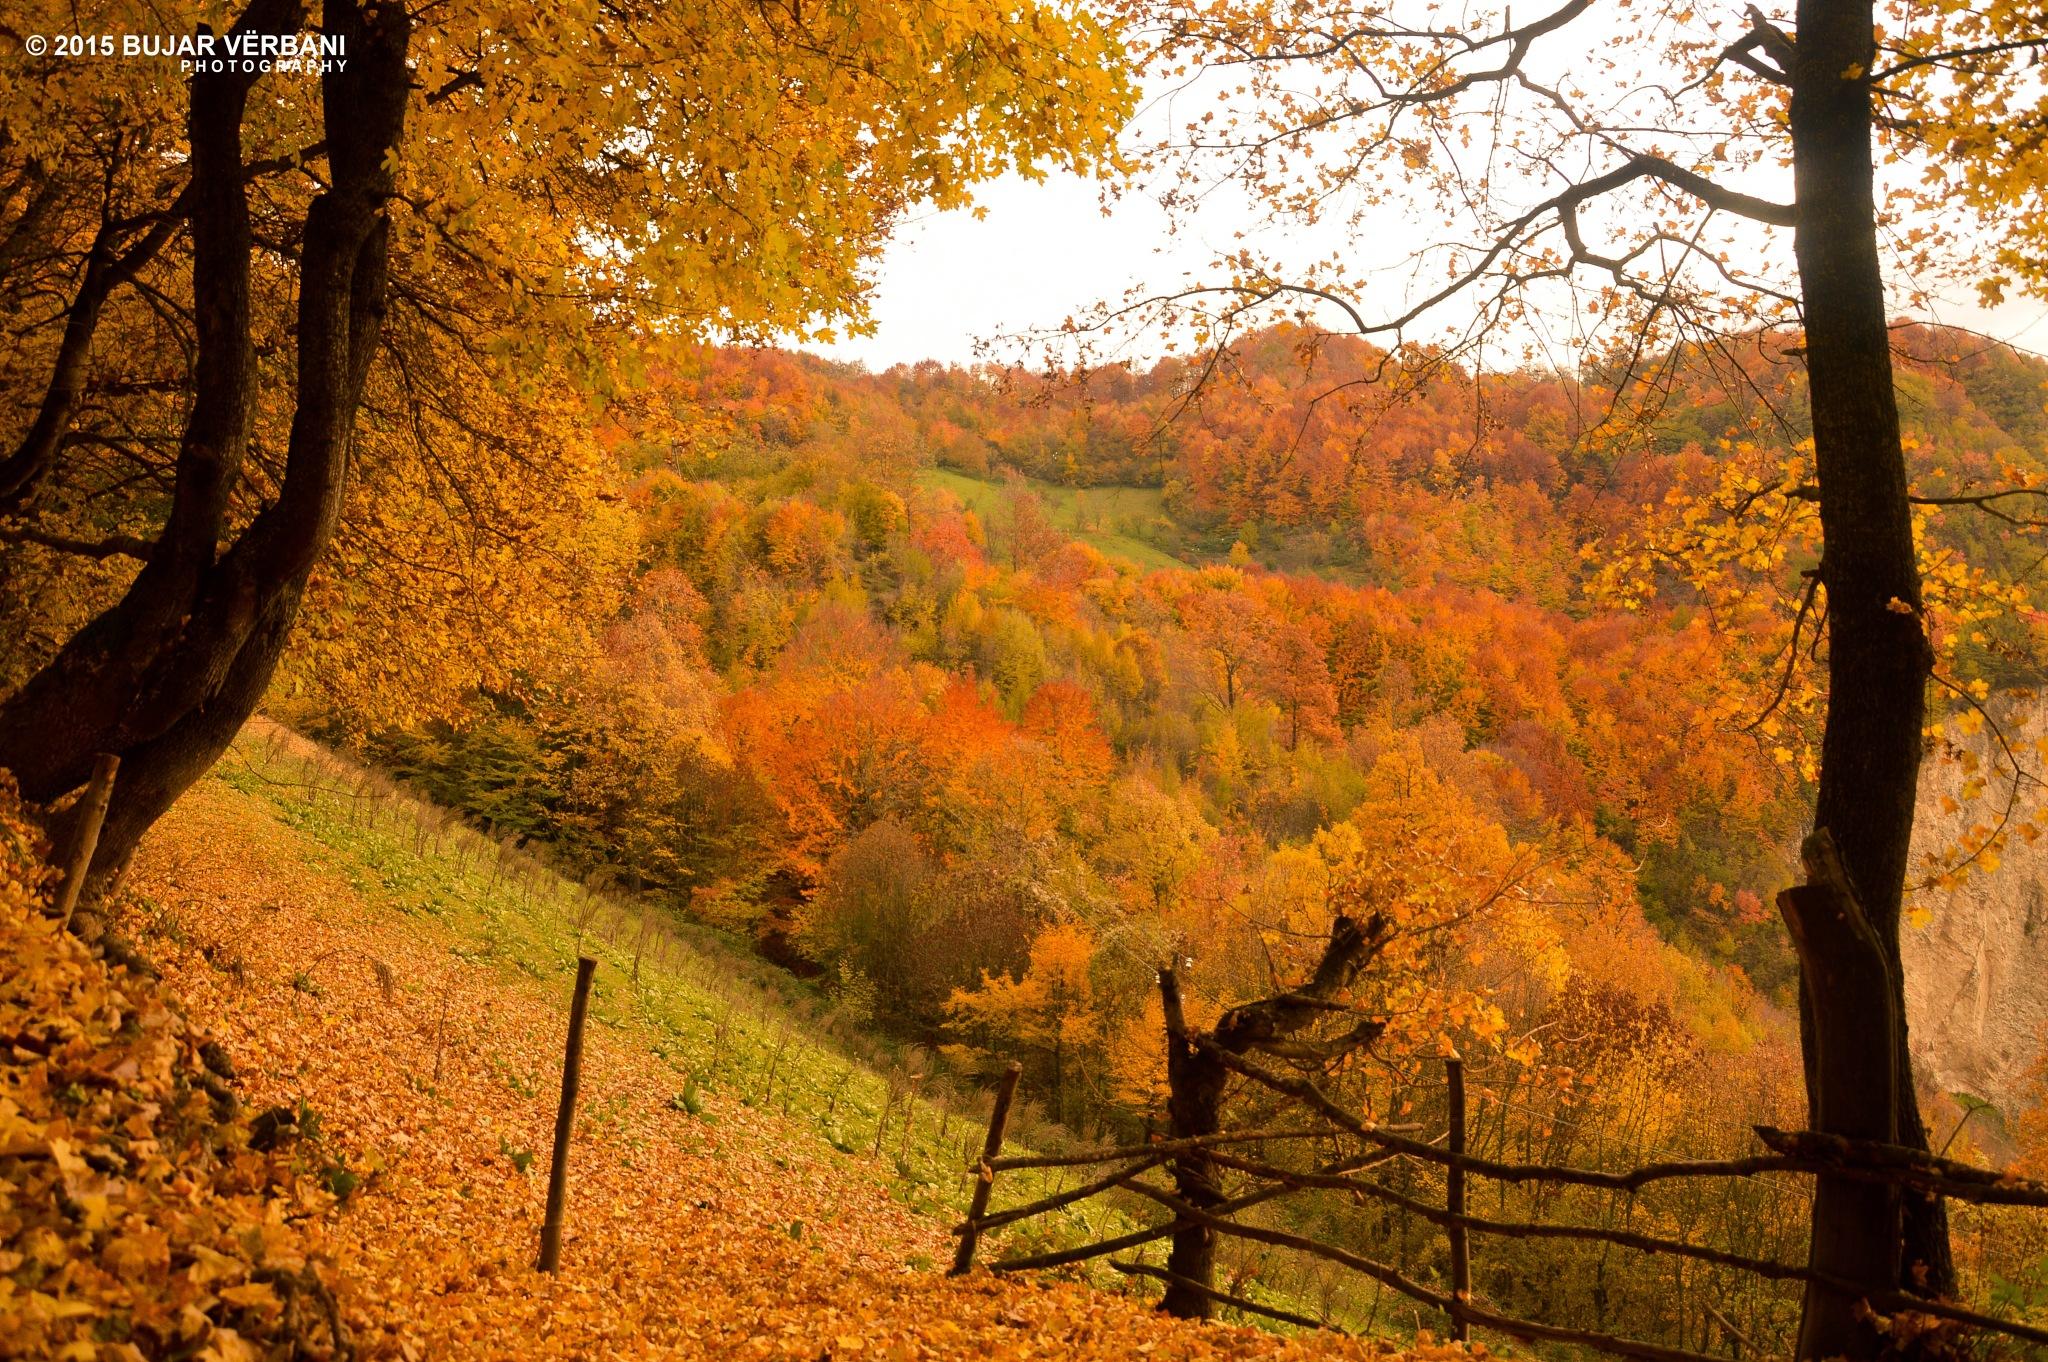 Colors of Autumn by Bujar Vërbani